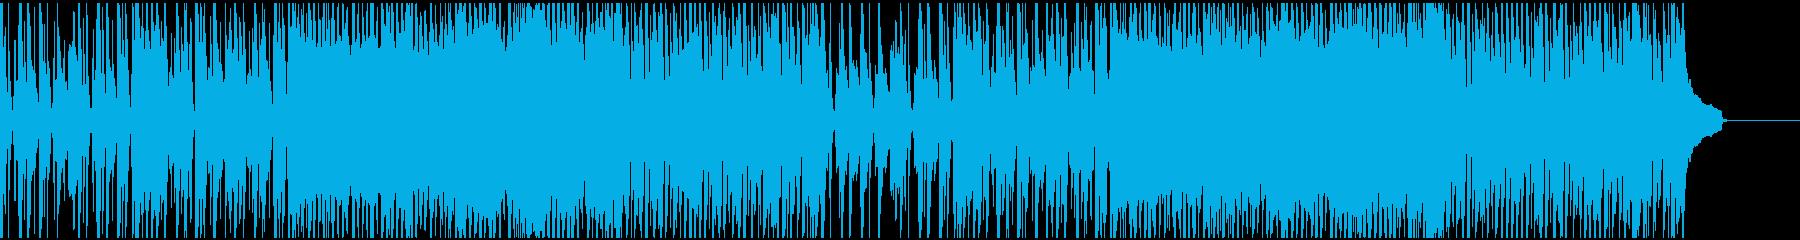 ピアノとストリングスのミュージカルソングの再生済みの波形